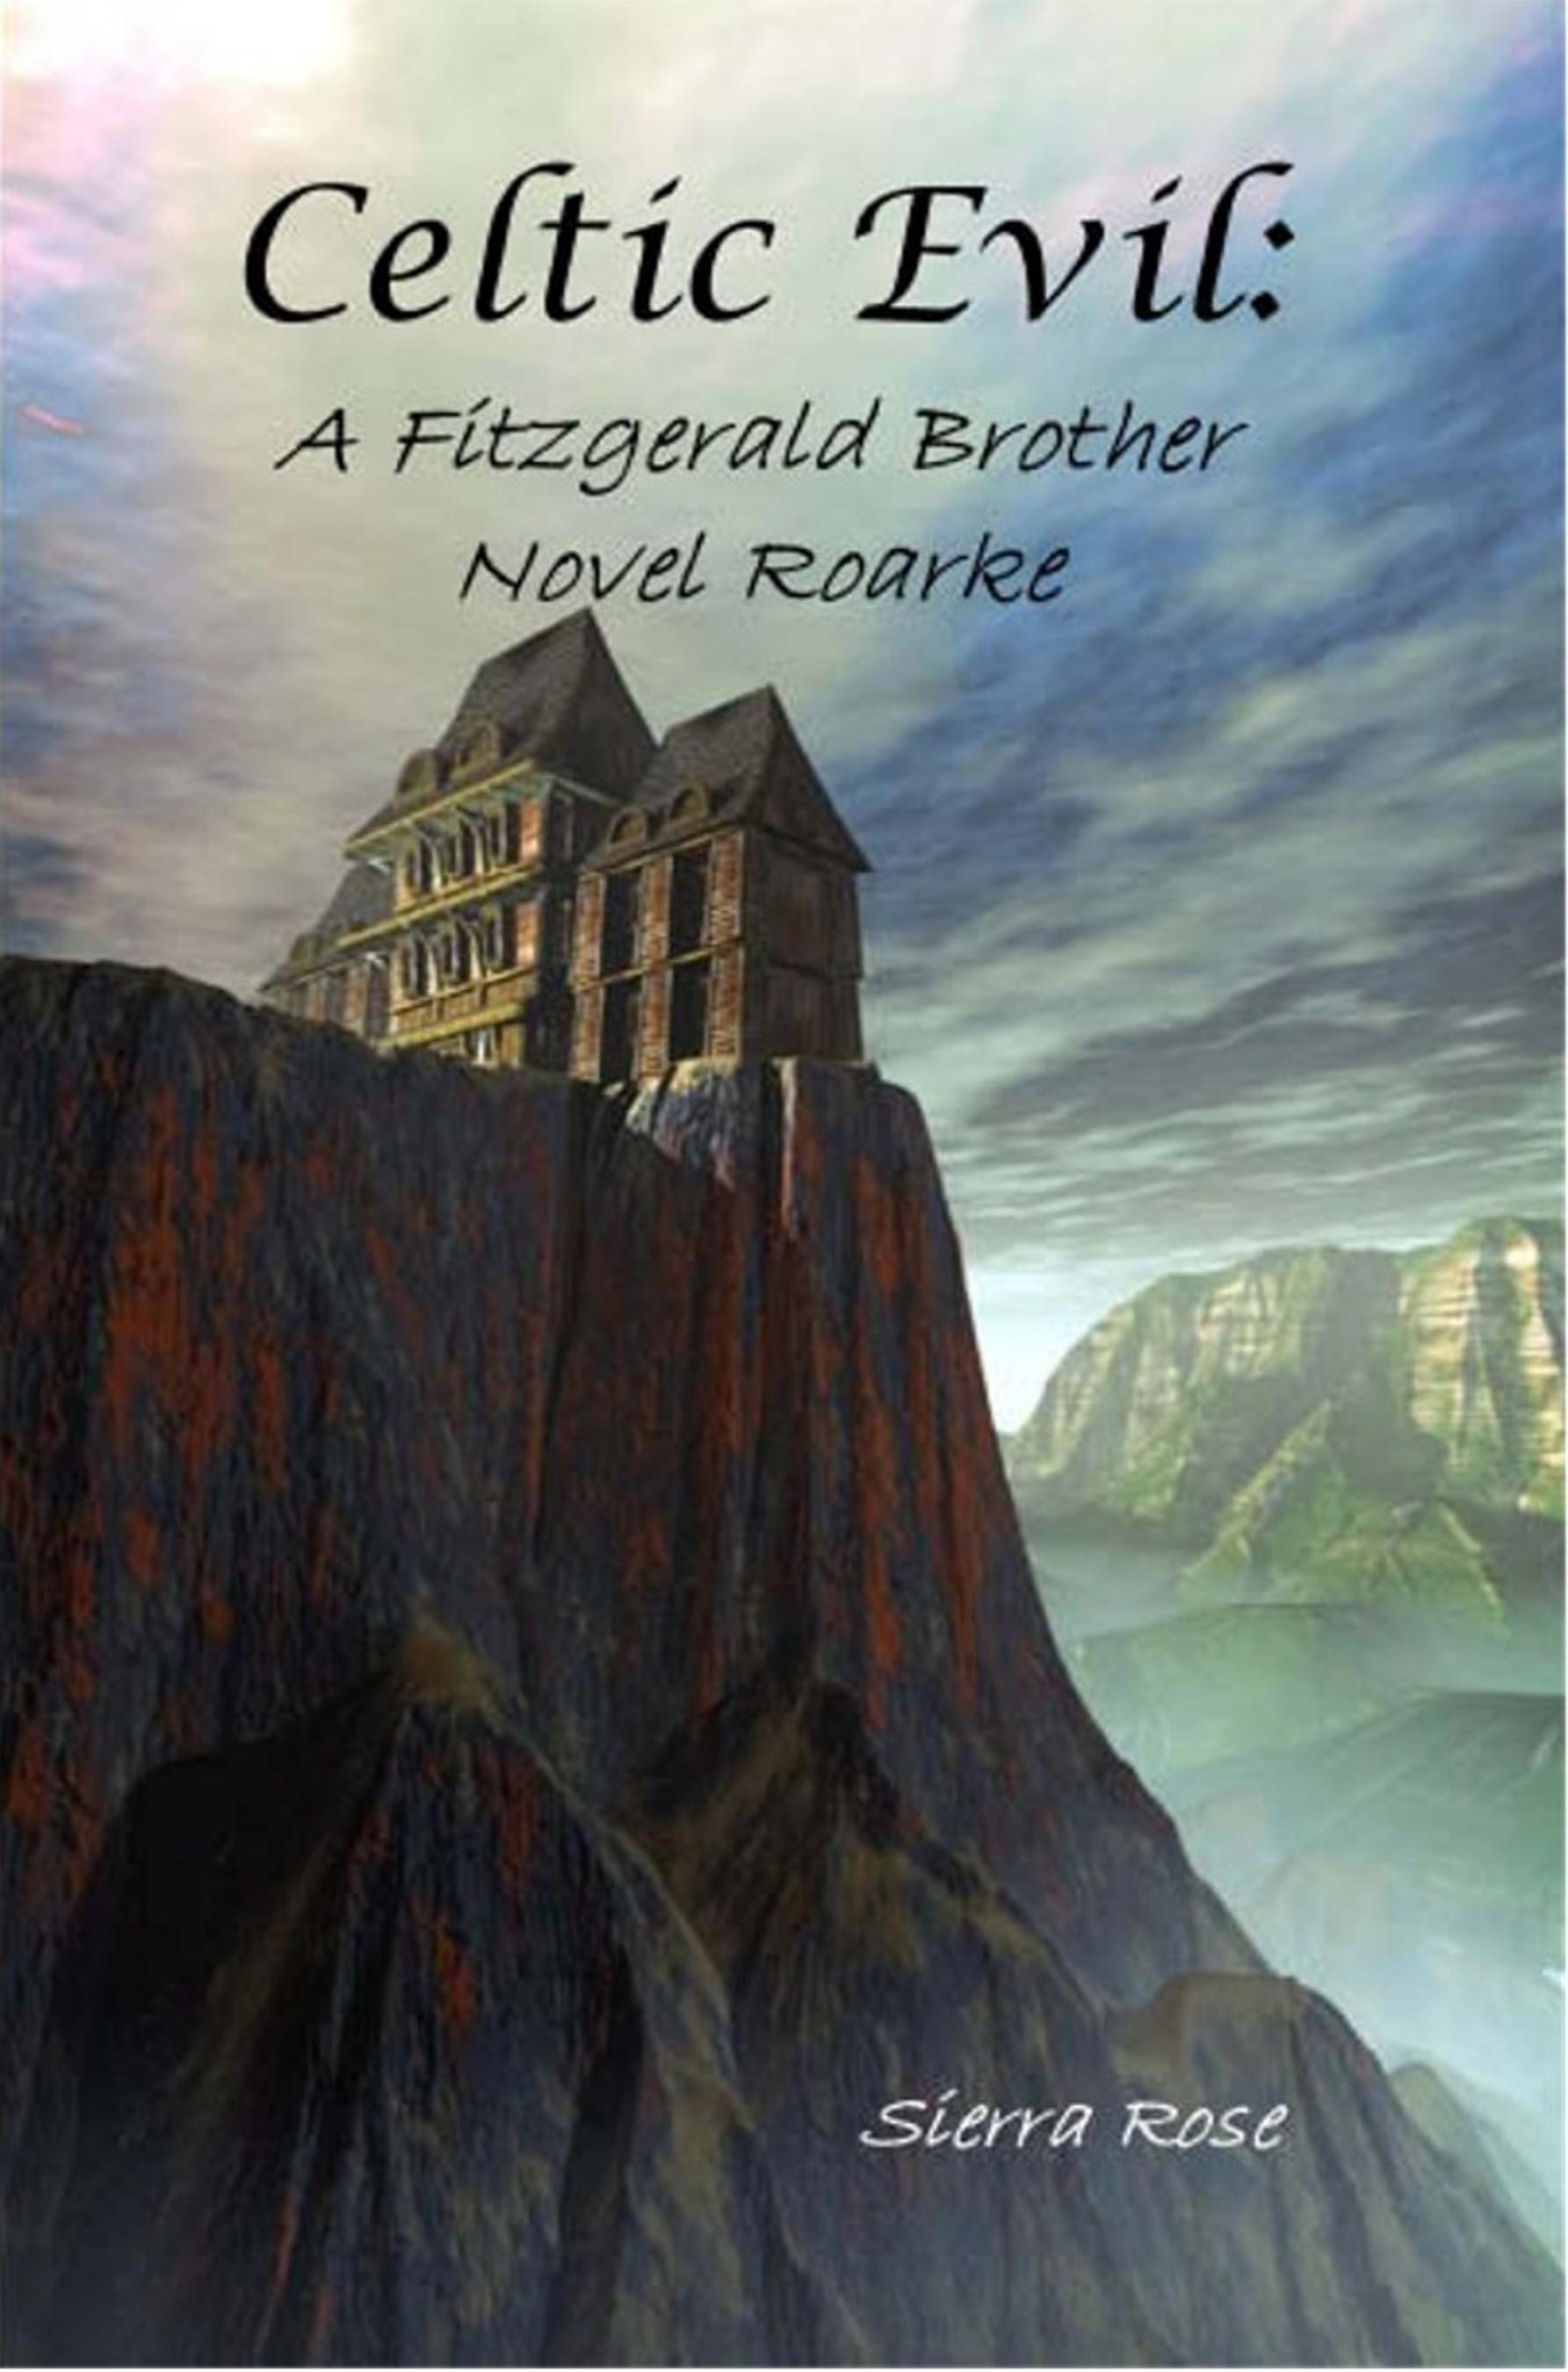 Celtic Evil: A Fitzgerald Brother Novel: Roarke